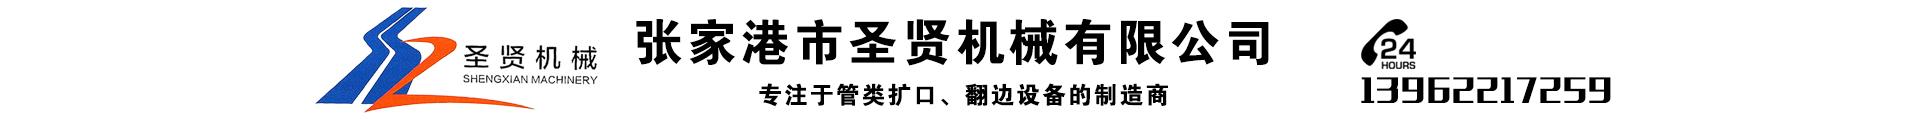 张家港市圣贤机械有限公司